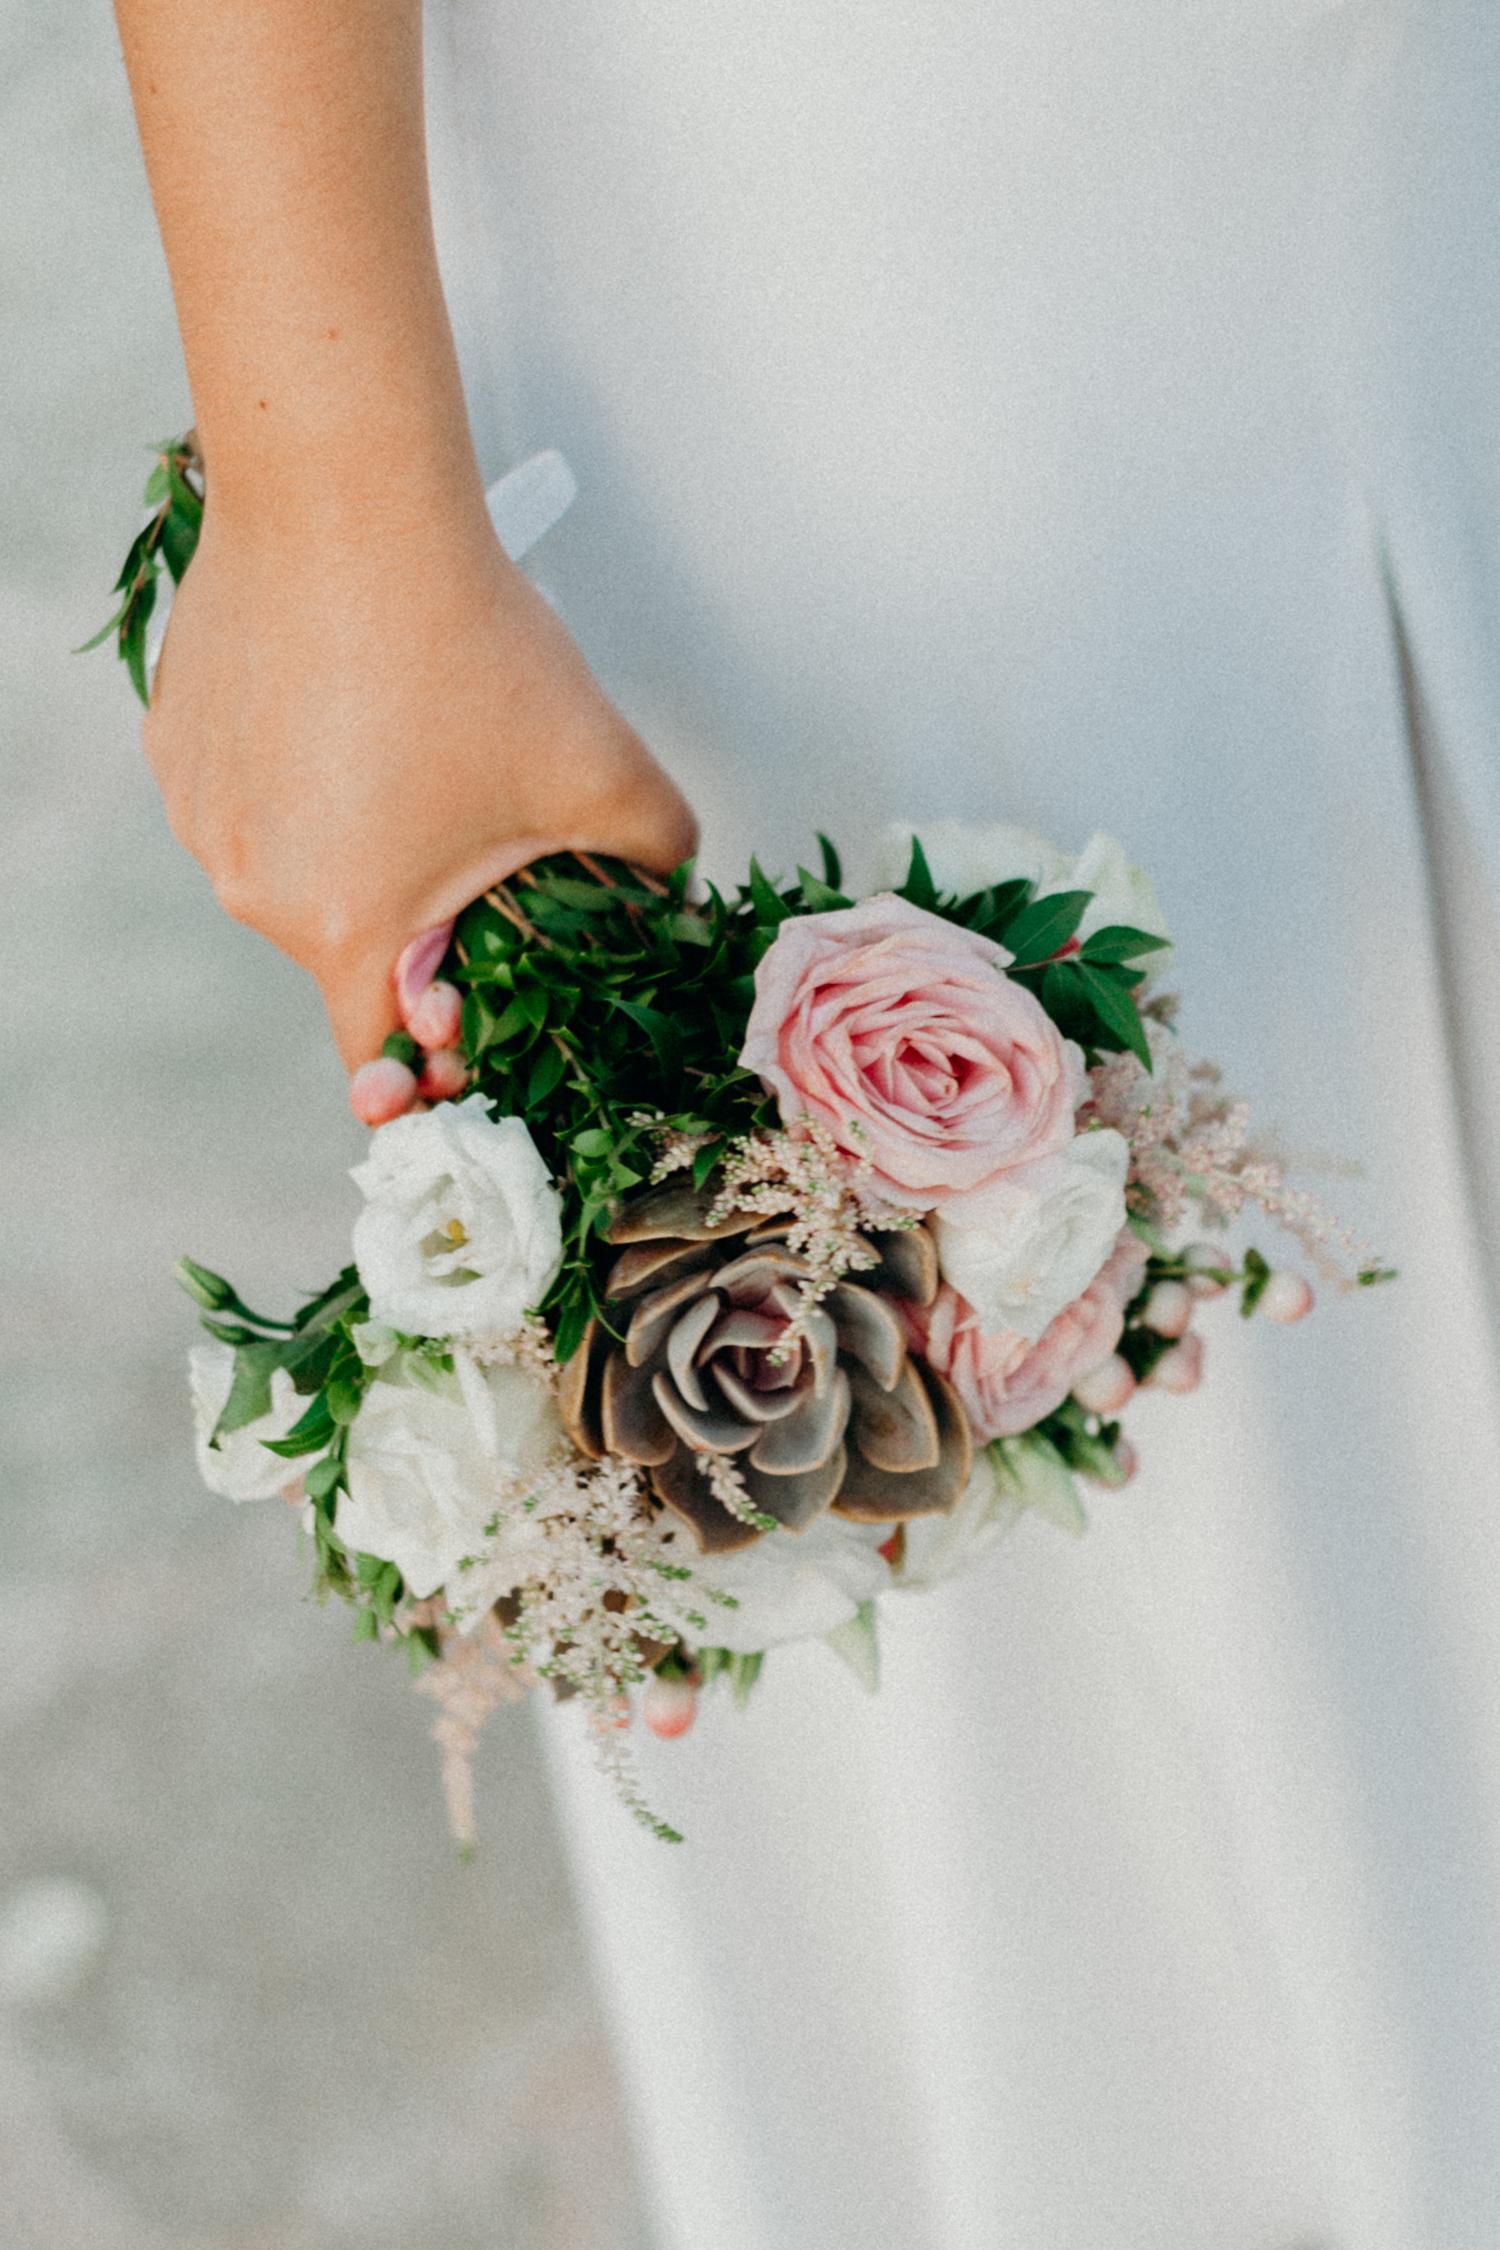 Καλοκαιρινός γάμος στην Αίγινα με κάκτους και παχύφυτα